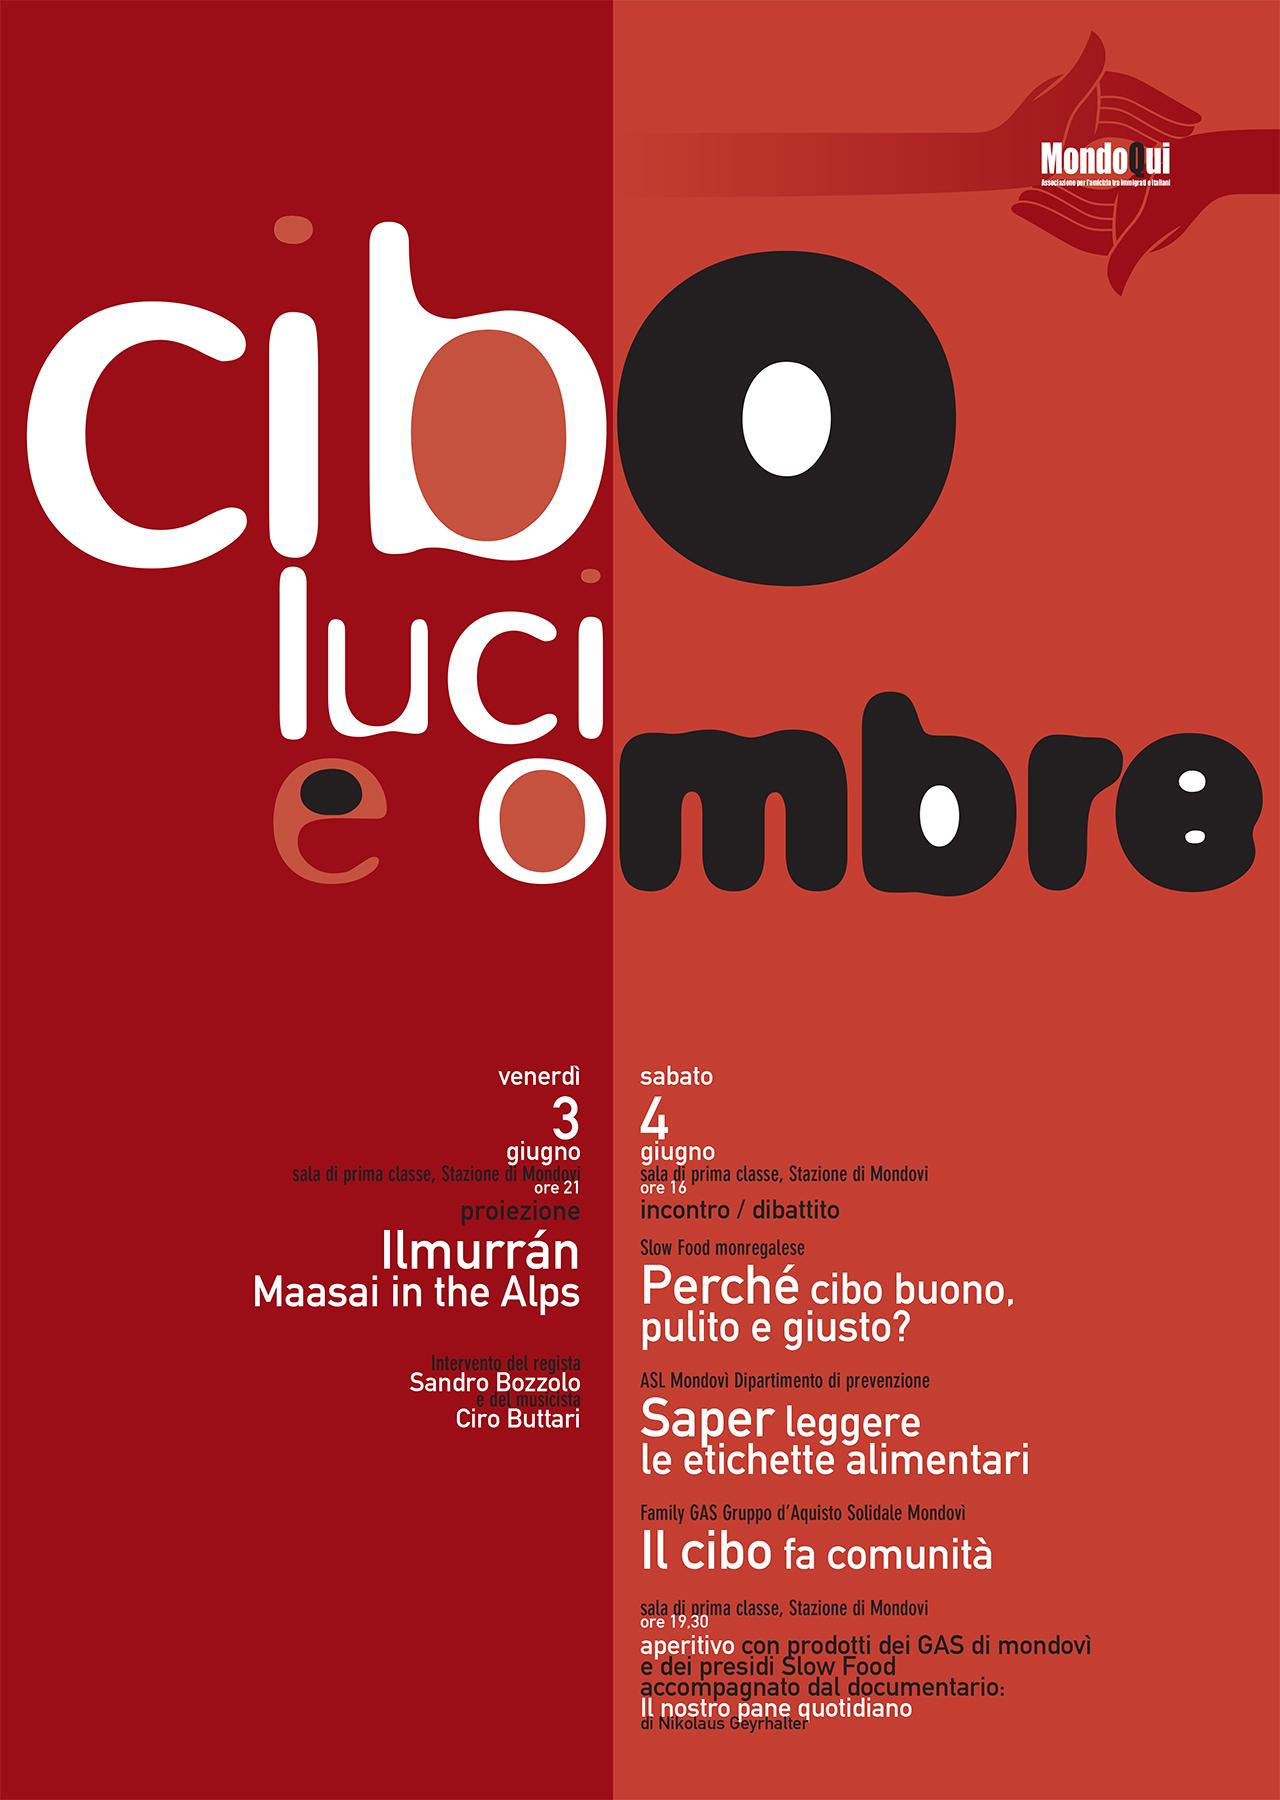 Locandina_Cibo_cT.fh11